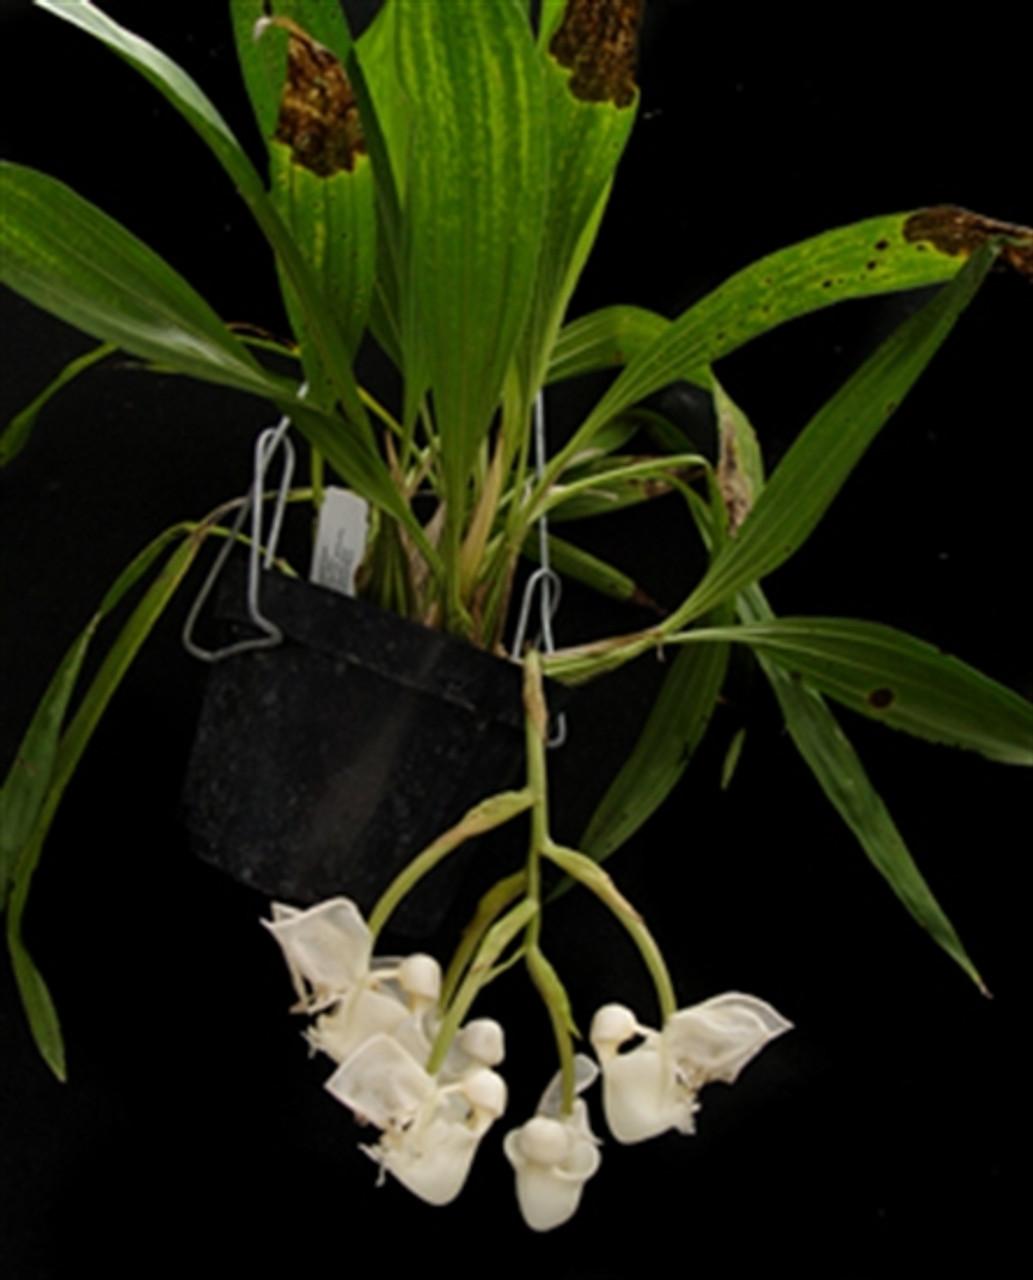 Coryanthes vasquezii